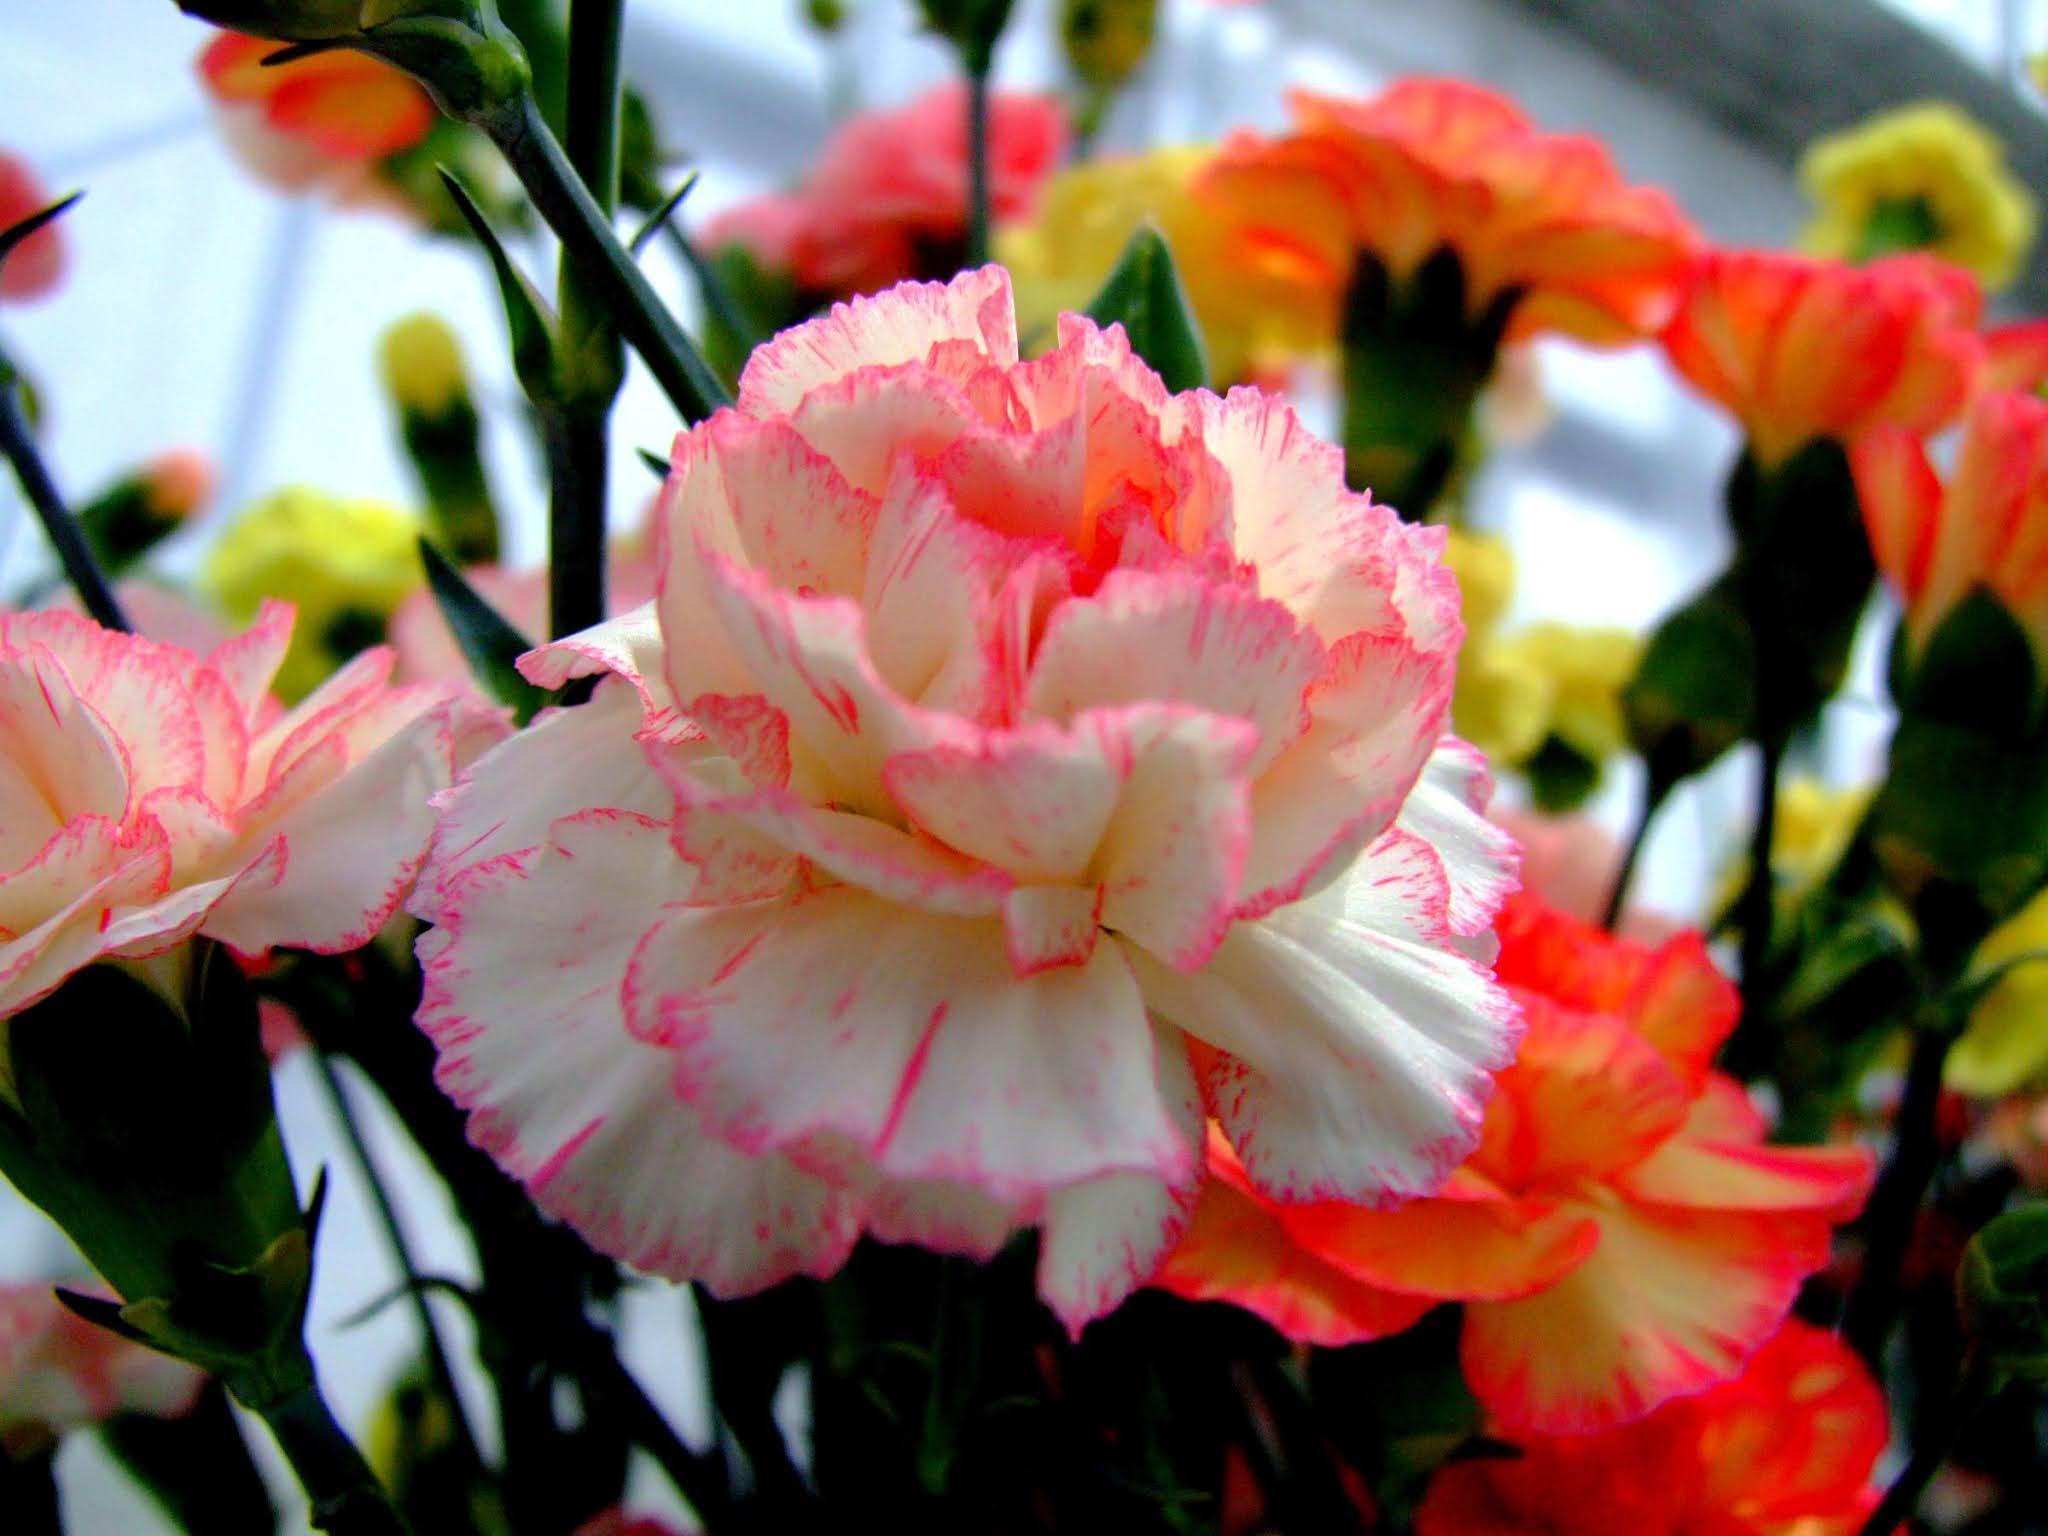 白とピンクの色合いが可愛いカーネーションの写真素材です。白のカーネーションは母の日に不向きと聞いたことがありますが、白とピンクだとどうなんでしょうね。